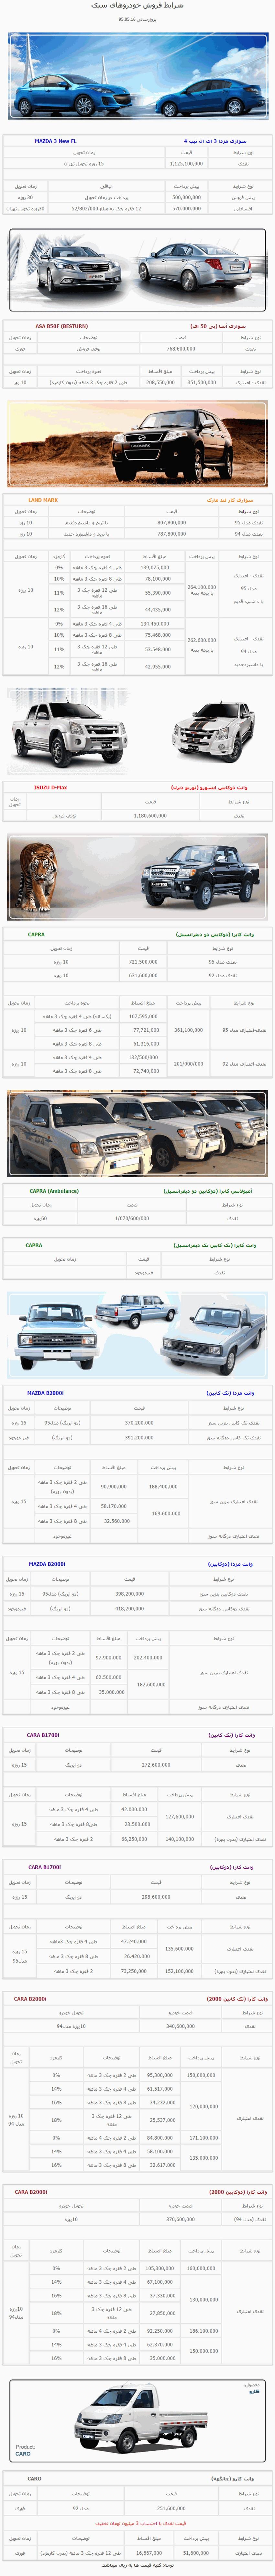 فروش نقد و اقساط مزدا3 و دیگر محصولات گروه بهمن